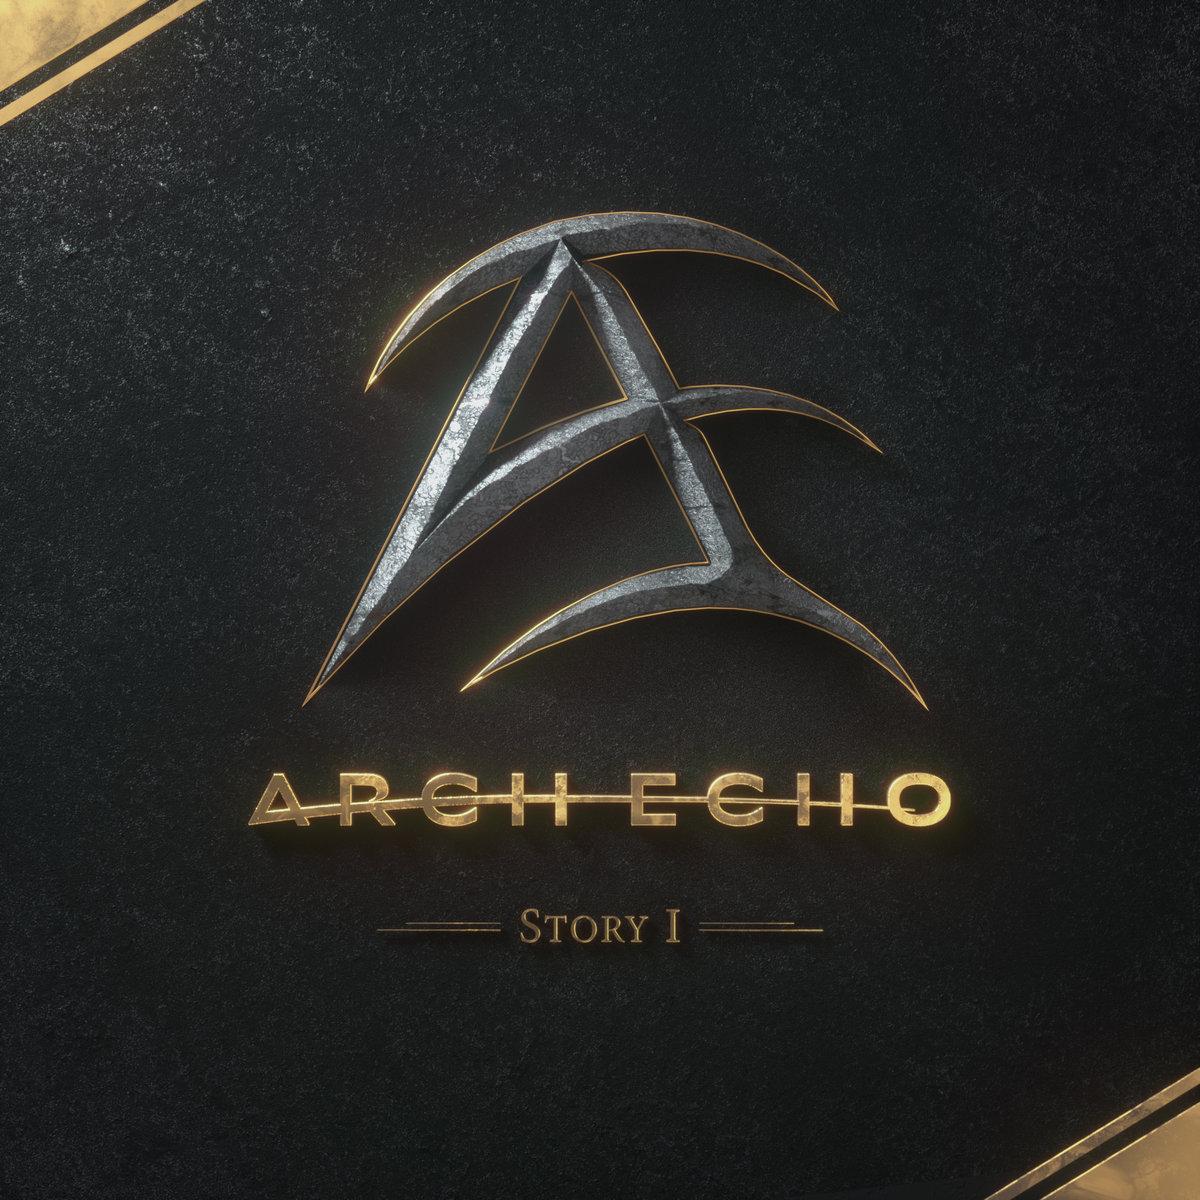 Story I | Arch Echo